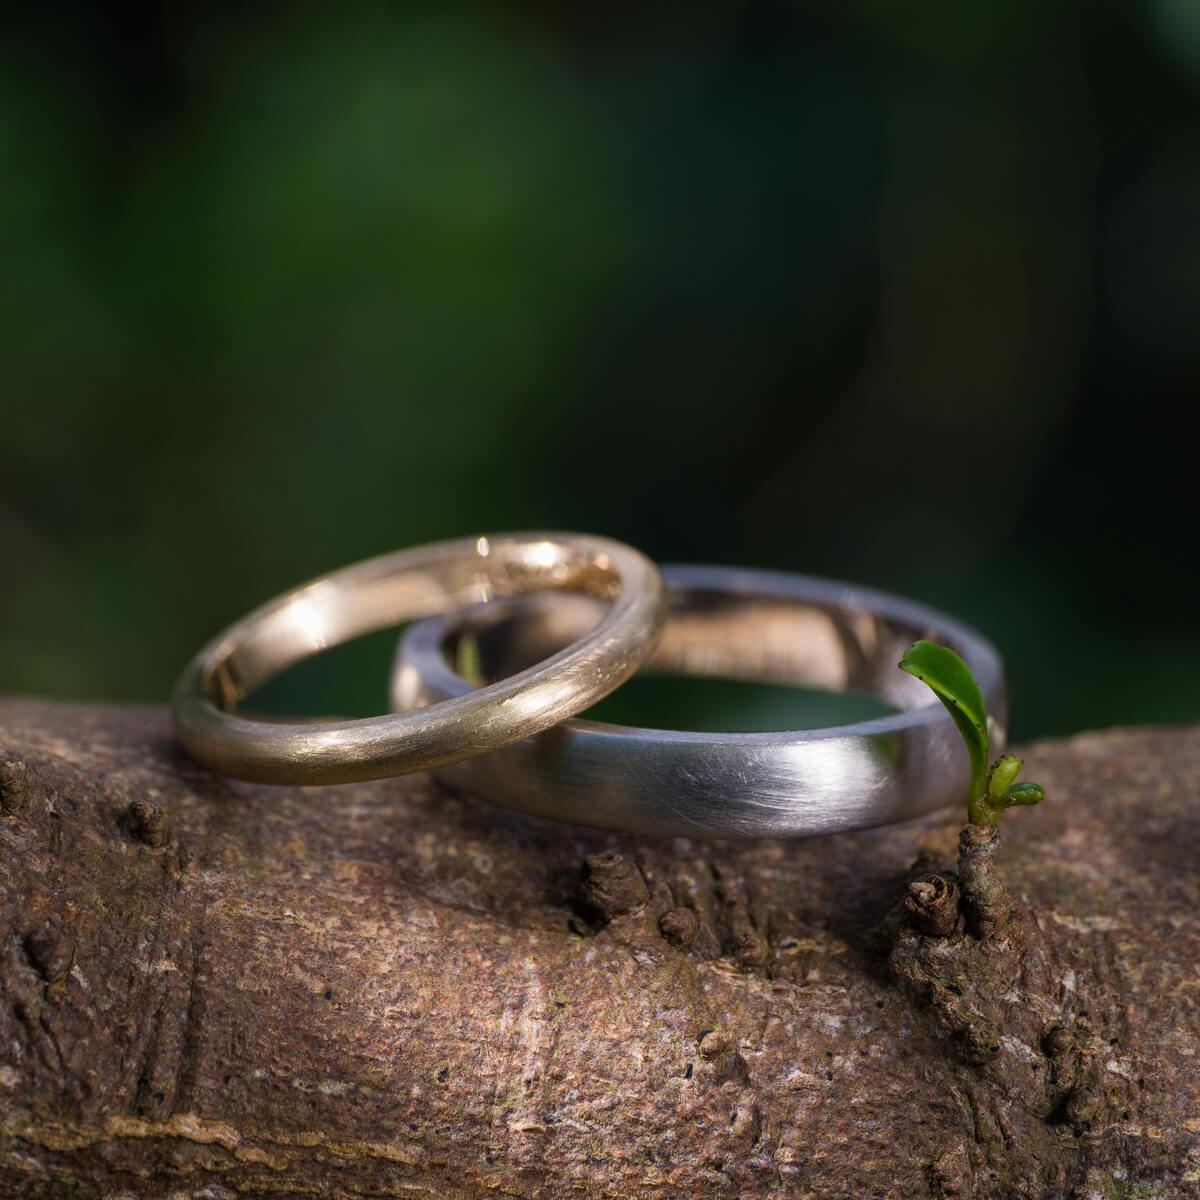 オーダーメイドマリッジリング 屋久島の木々に囲まれて プラチナ、ゴールド 屋久島でつくる結婚指輪